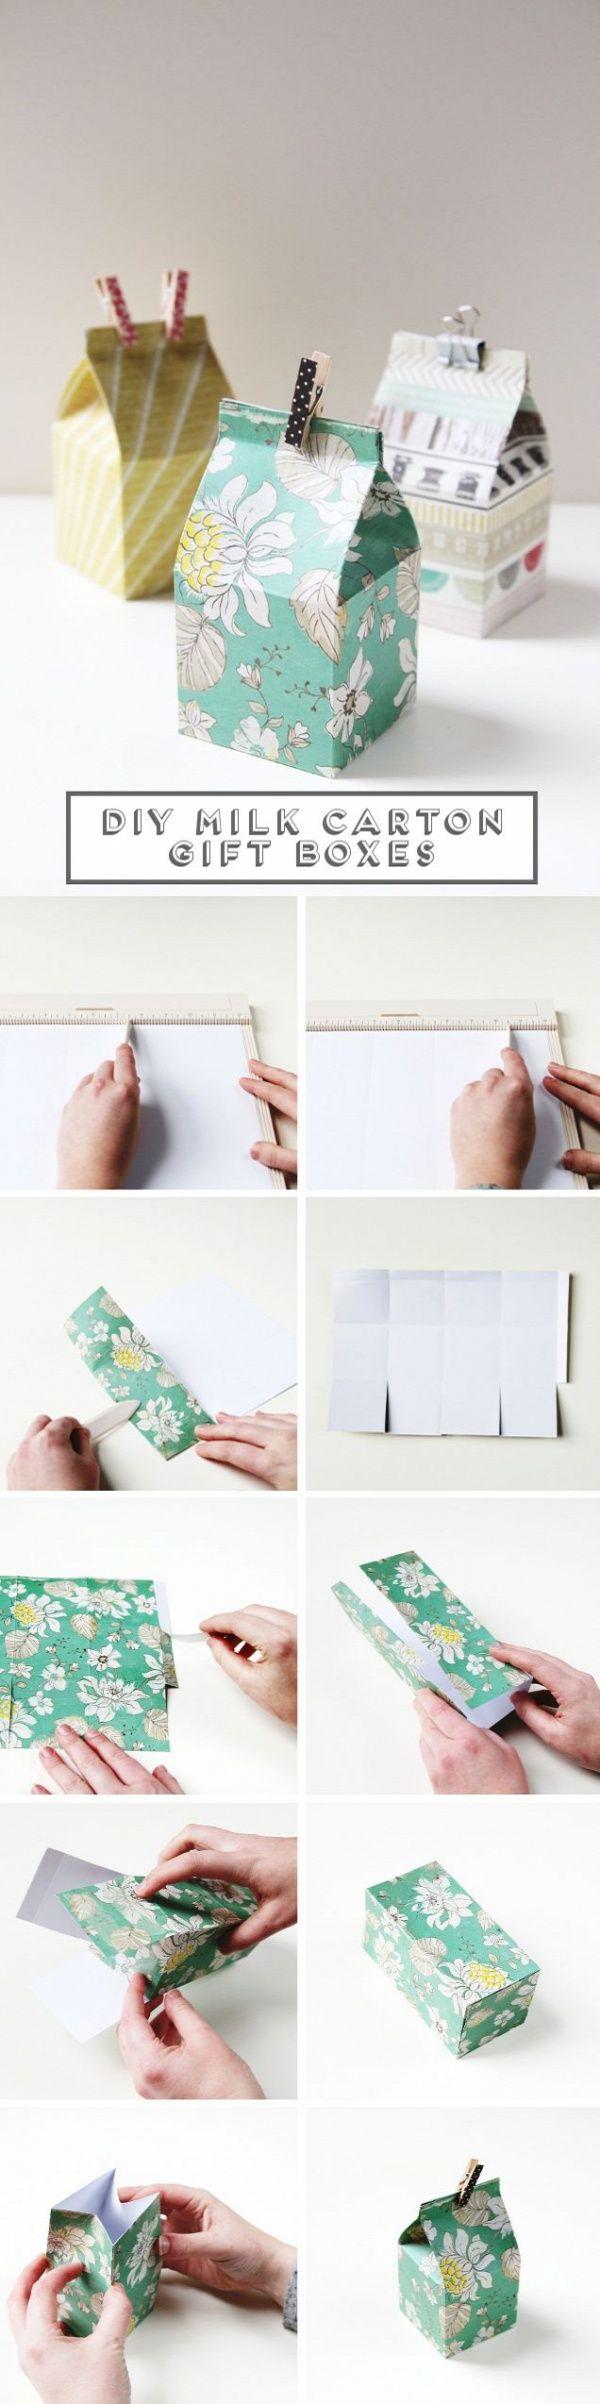 How to's : Diy Mini Milk Carton Gift Boxes